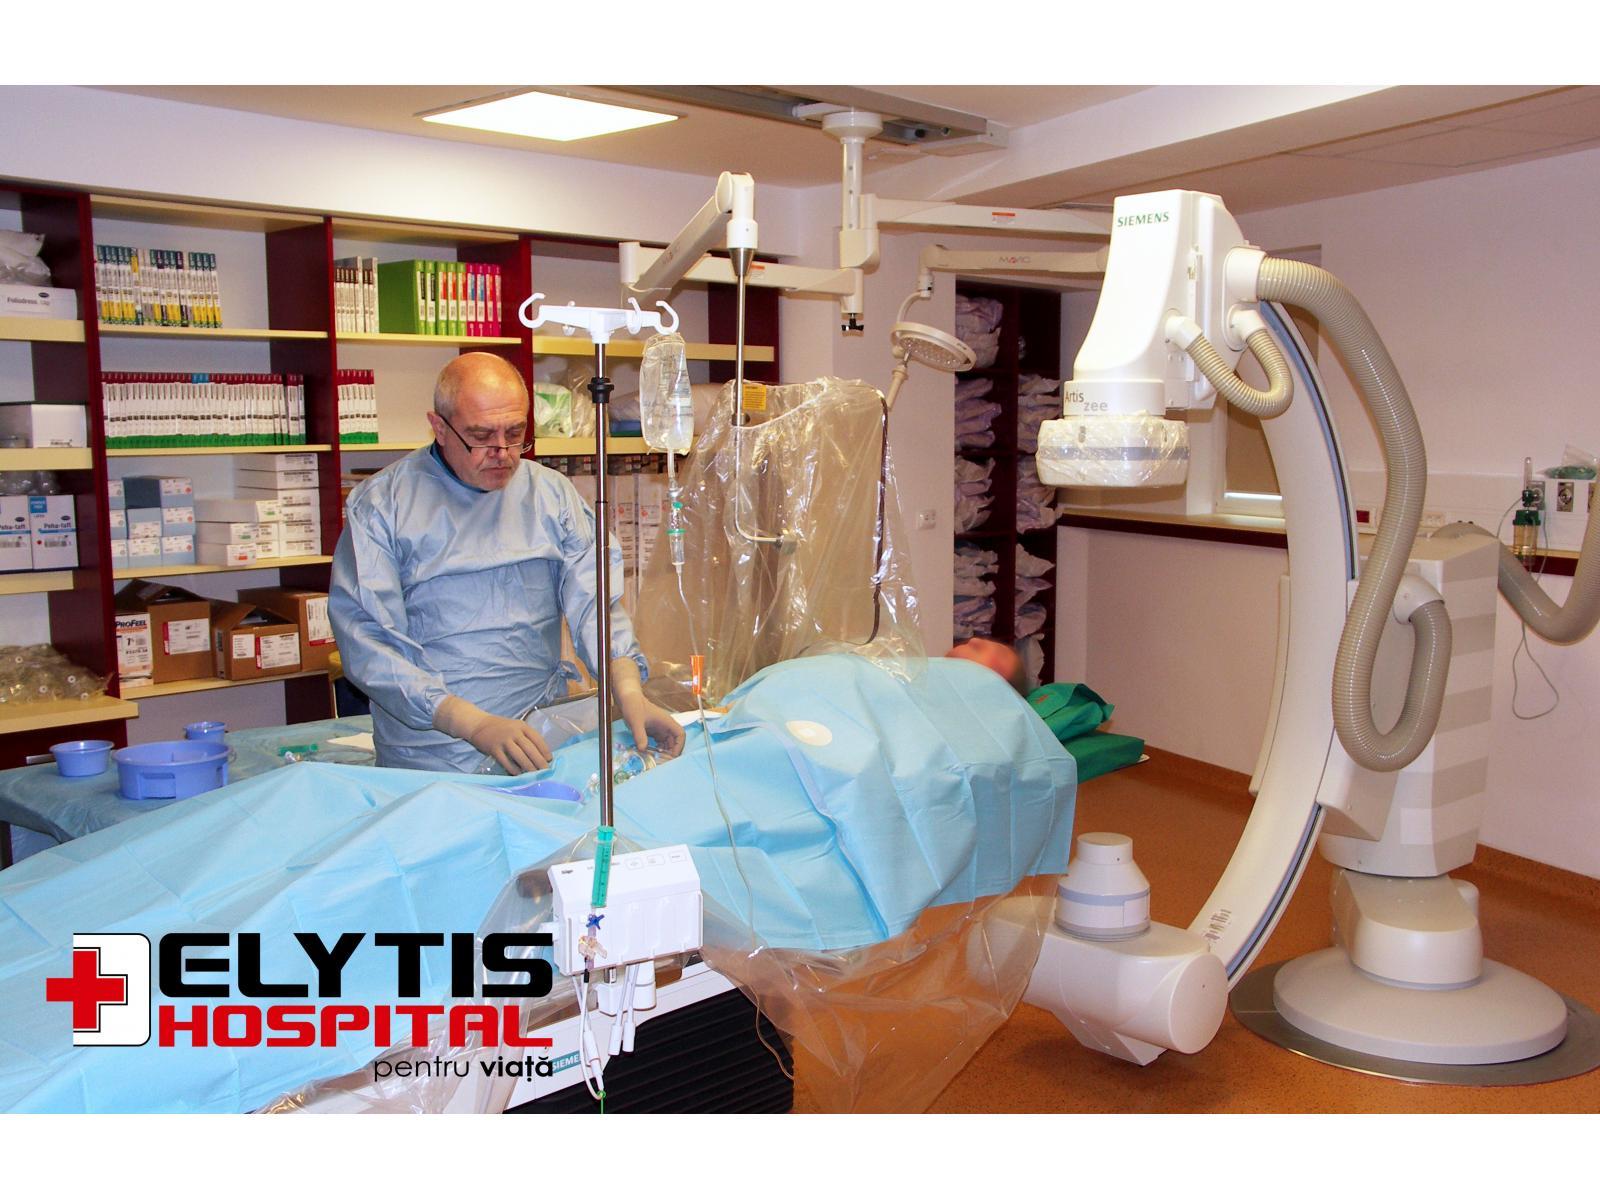 Elytis Hospital - photo_03.jpg